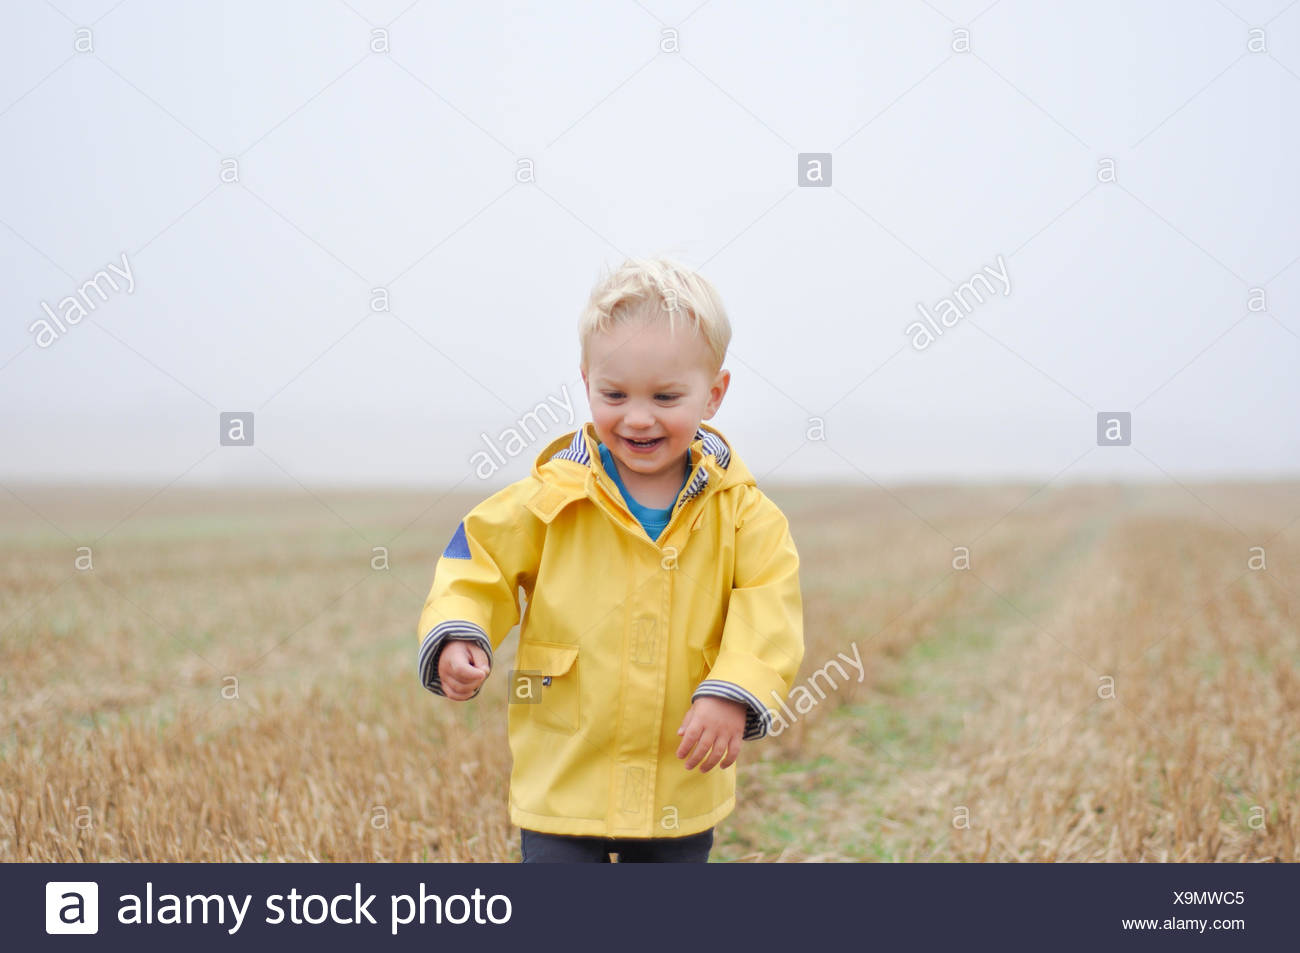 Ragazzo con un cappotto di pioggia in piedi in un campo di grano, England, Regno Unito Immagini Stock